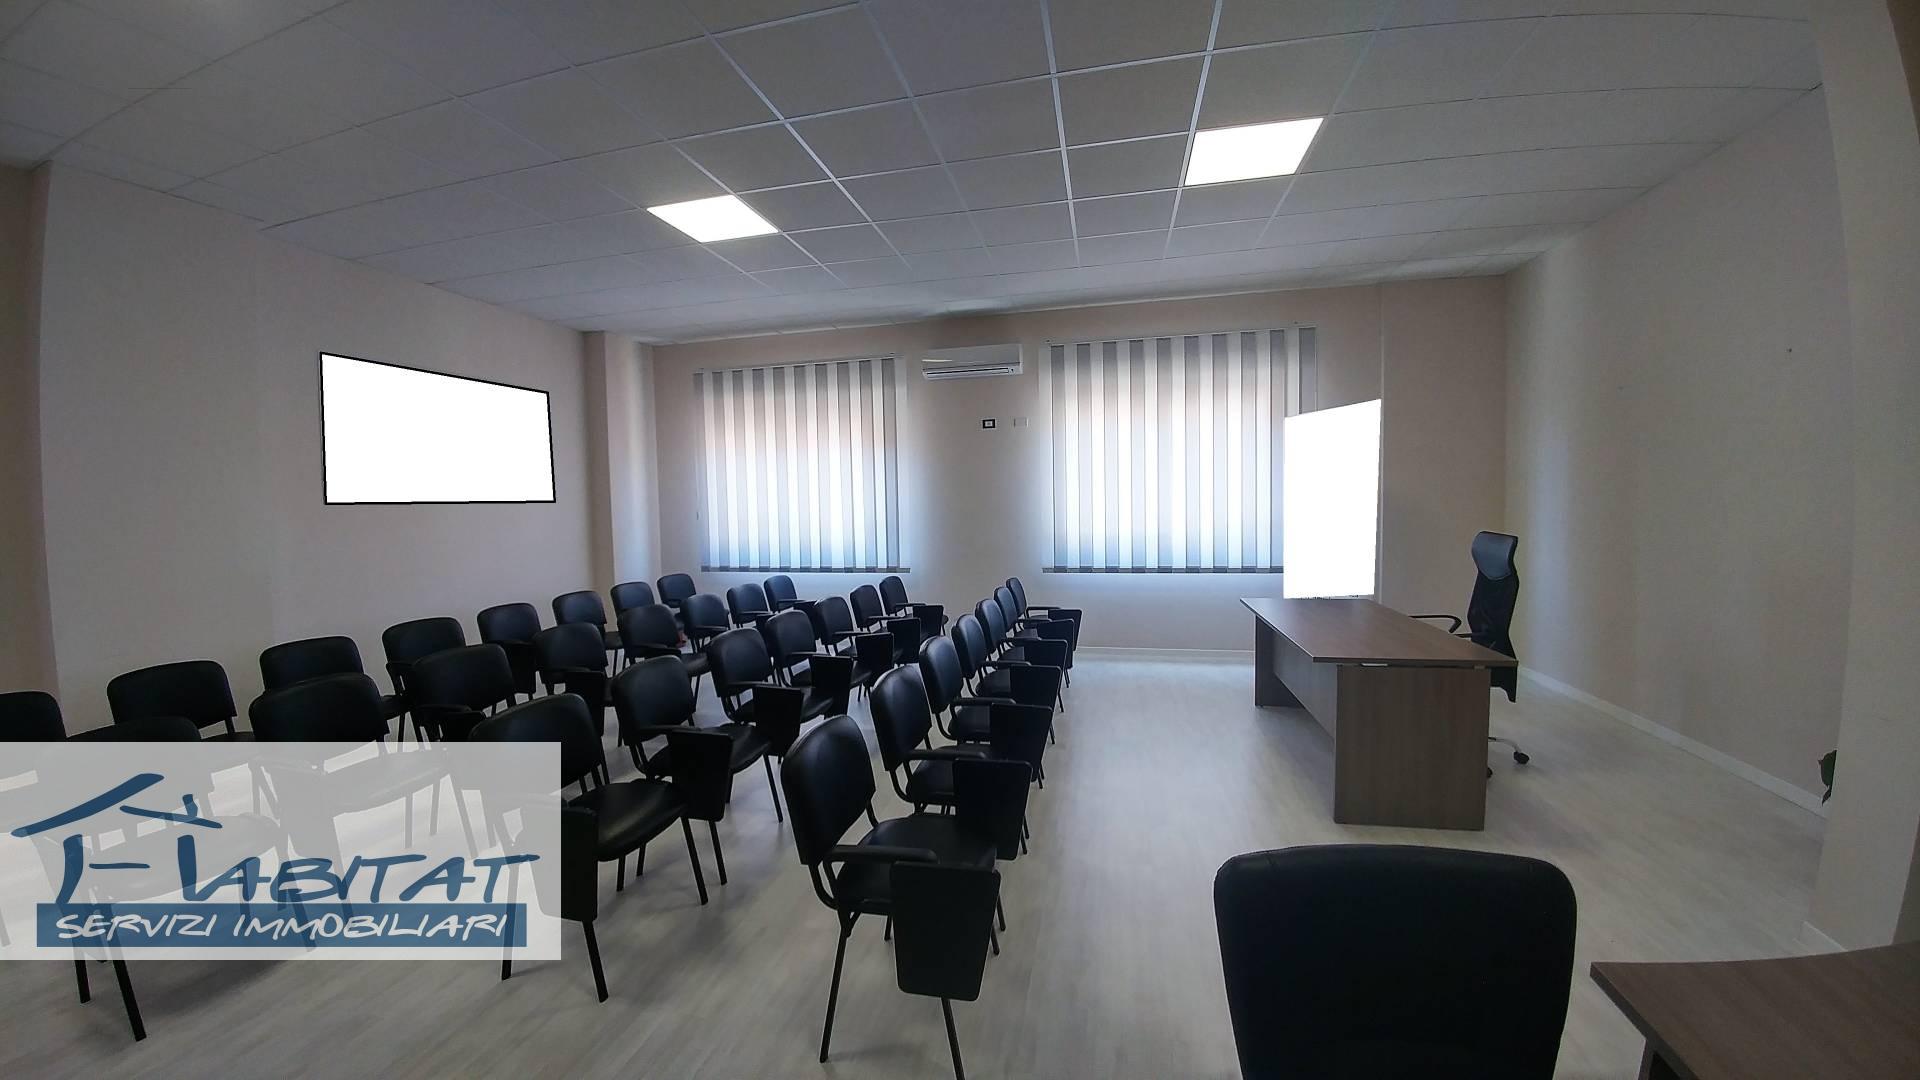 Ufficio / Studio in affitto a Agrigento, 9999 locali, zona Zona: Centro, prezzo € 60.000 | CambioCasa.it